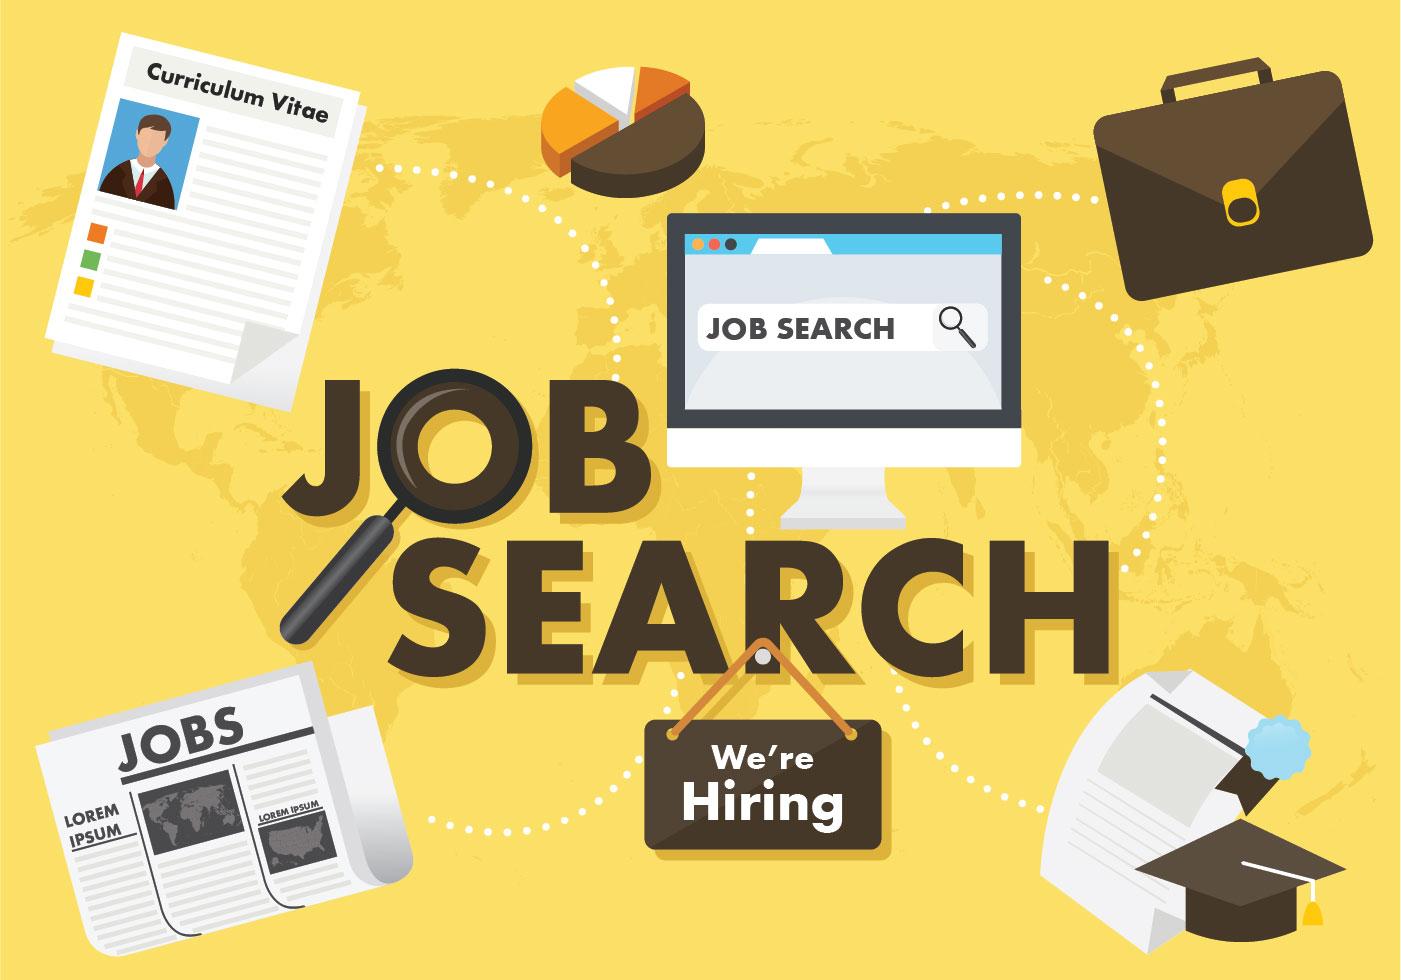 Job Search Vector Design Download Free Vectors Clipart